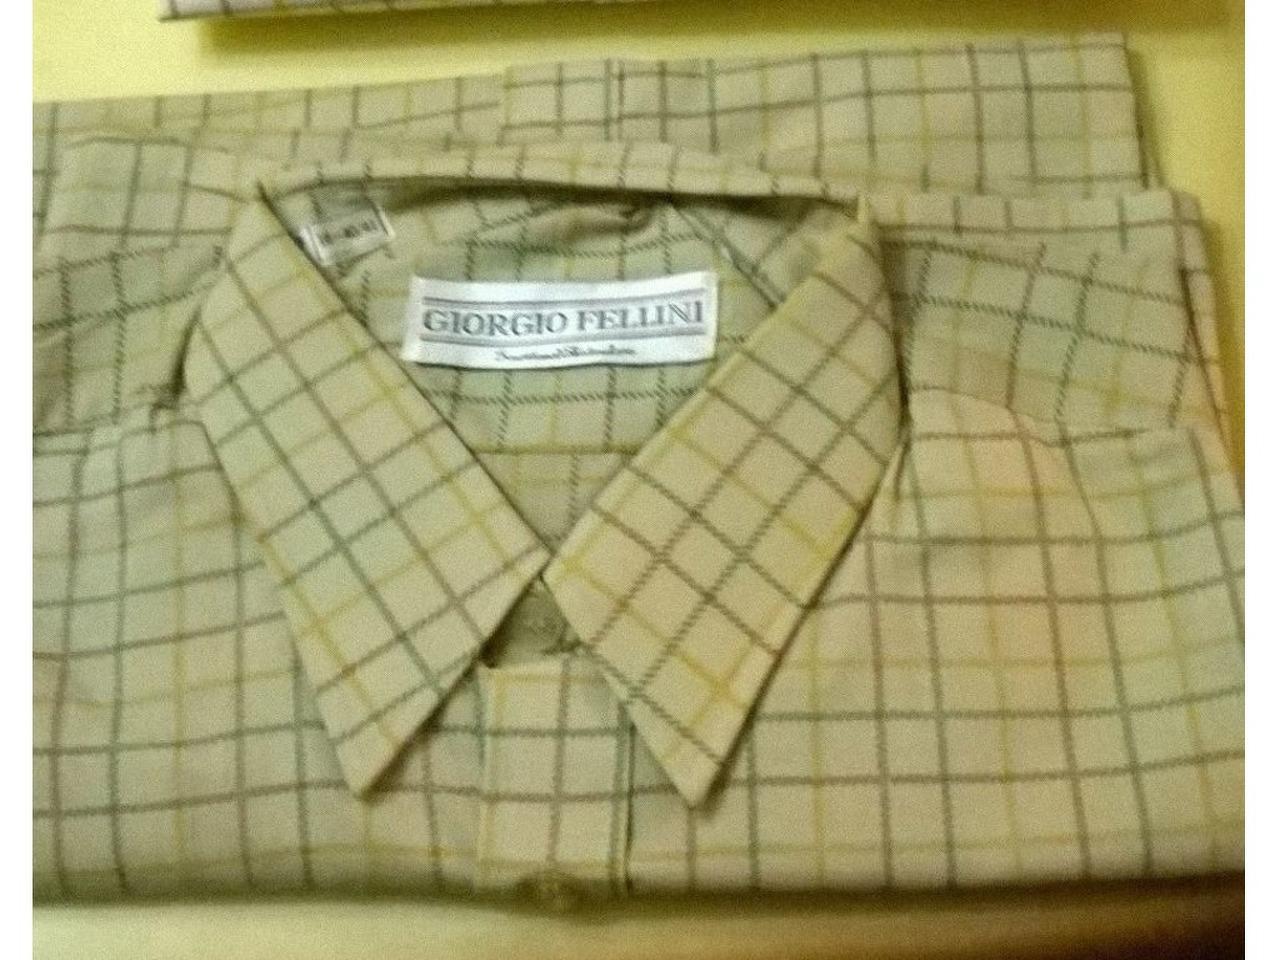 Camisa(s) Gianfranco(4),M.Conti,M.Dutti,G.Fellini(2) A.Violi,etc - 1/8